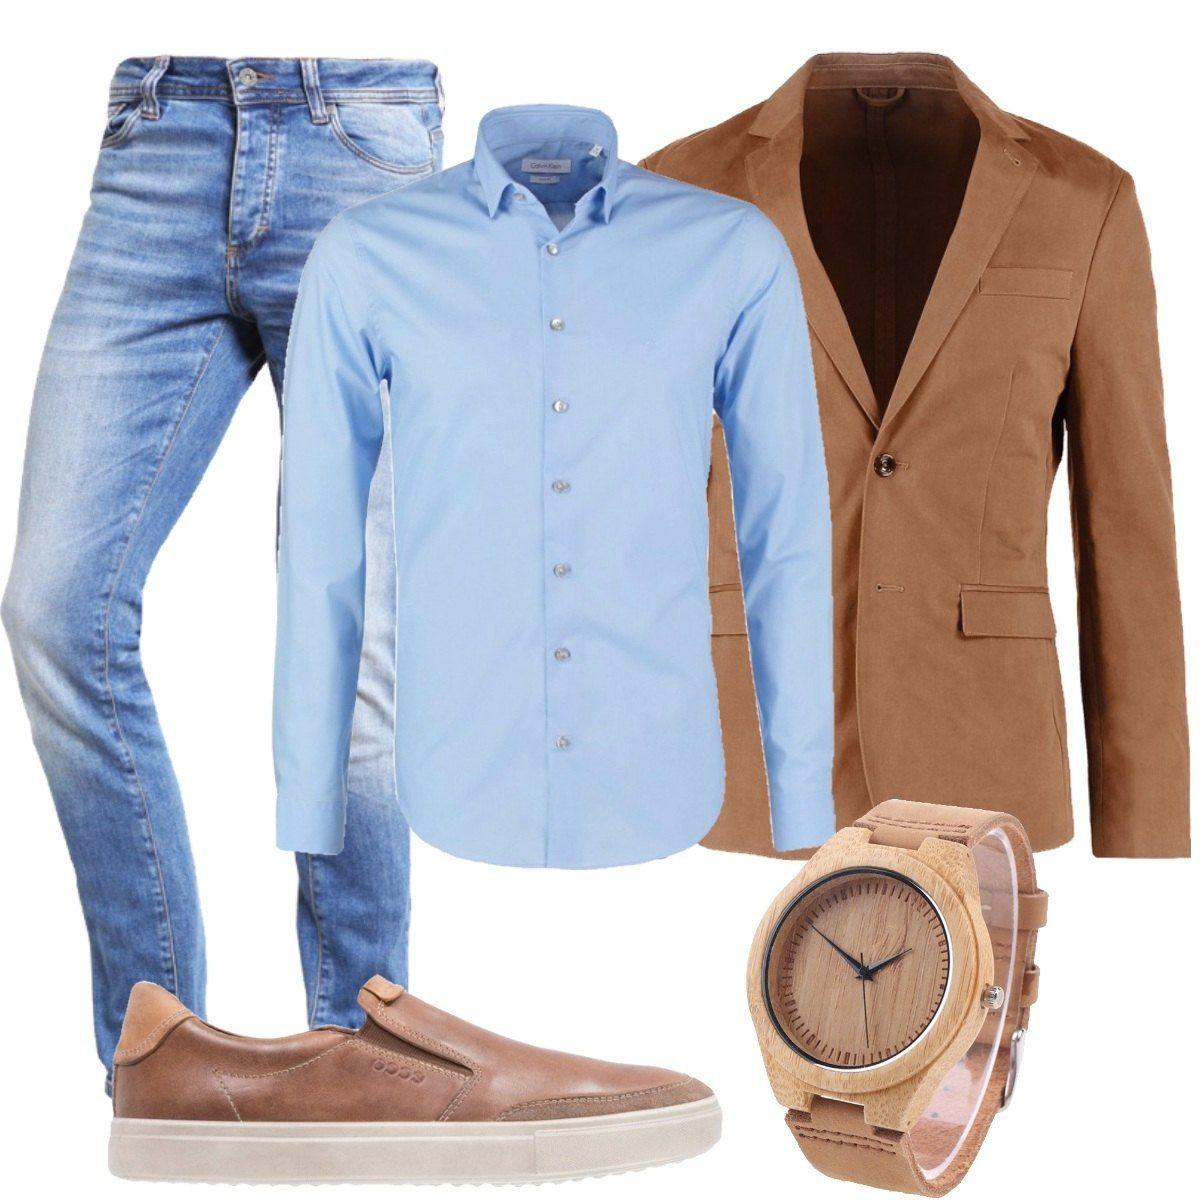 new styles 3518c b54c4 Ufficio con stile: outfit uomo Everyday per ufficio | Outfit ...